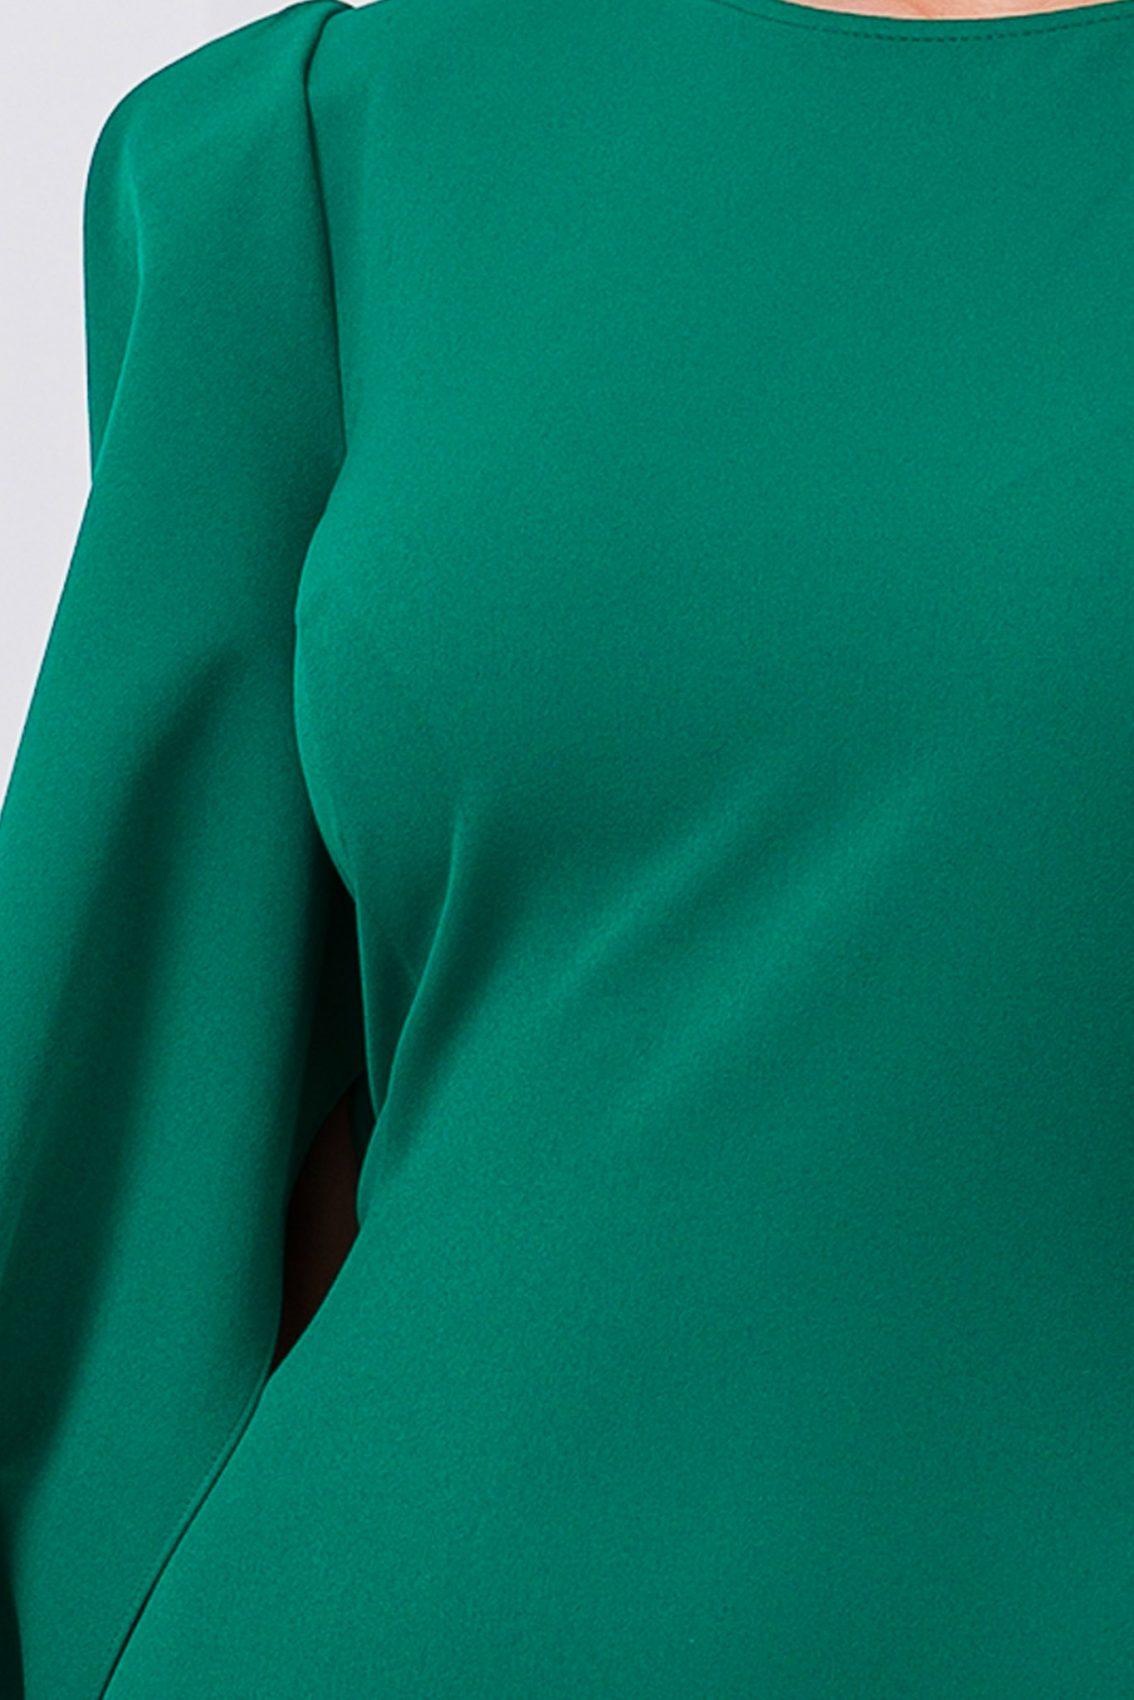 Πράσινο Φόρεμα Dulce 9762 3